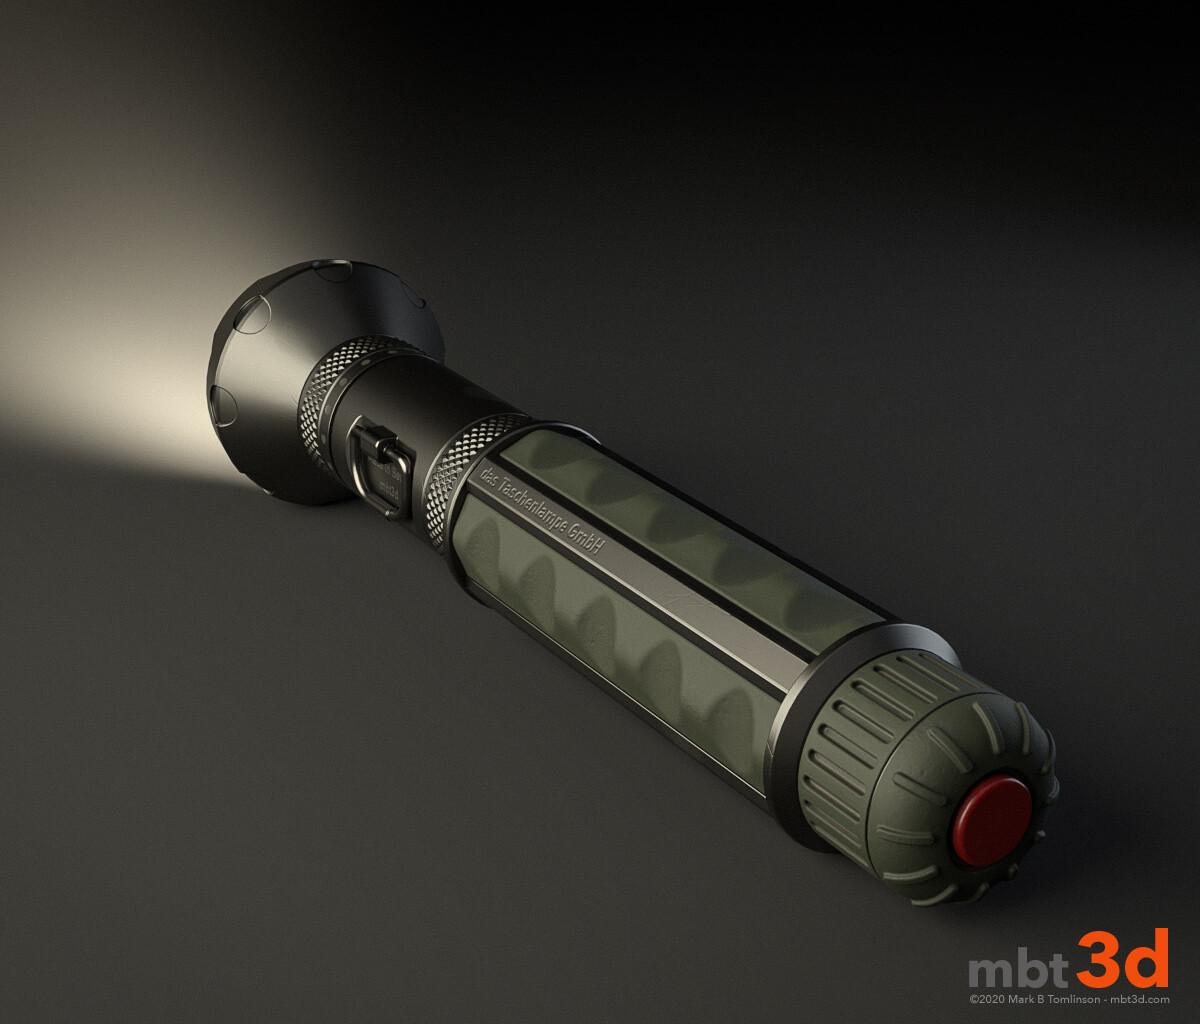 das Taschenlampe: